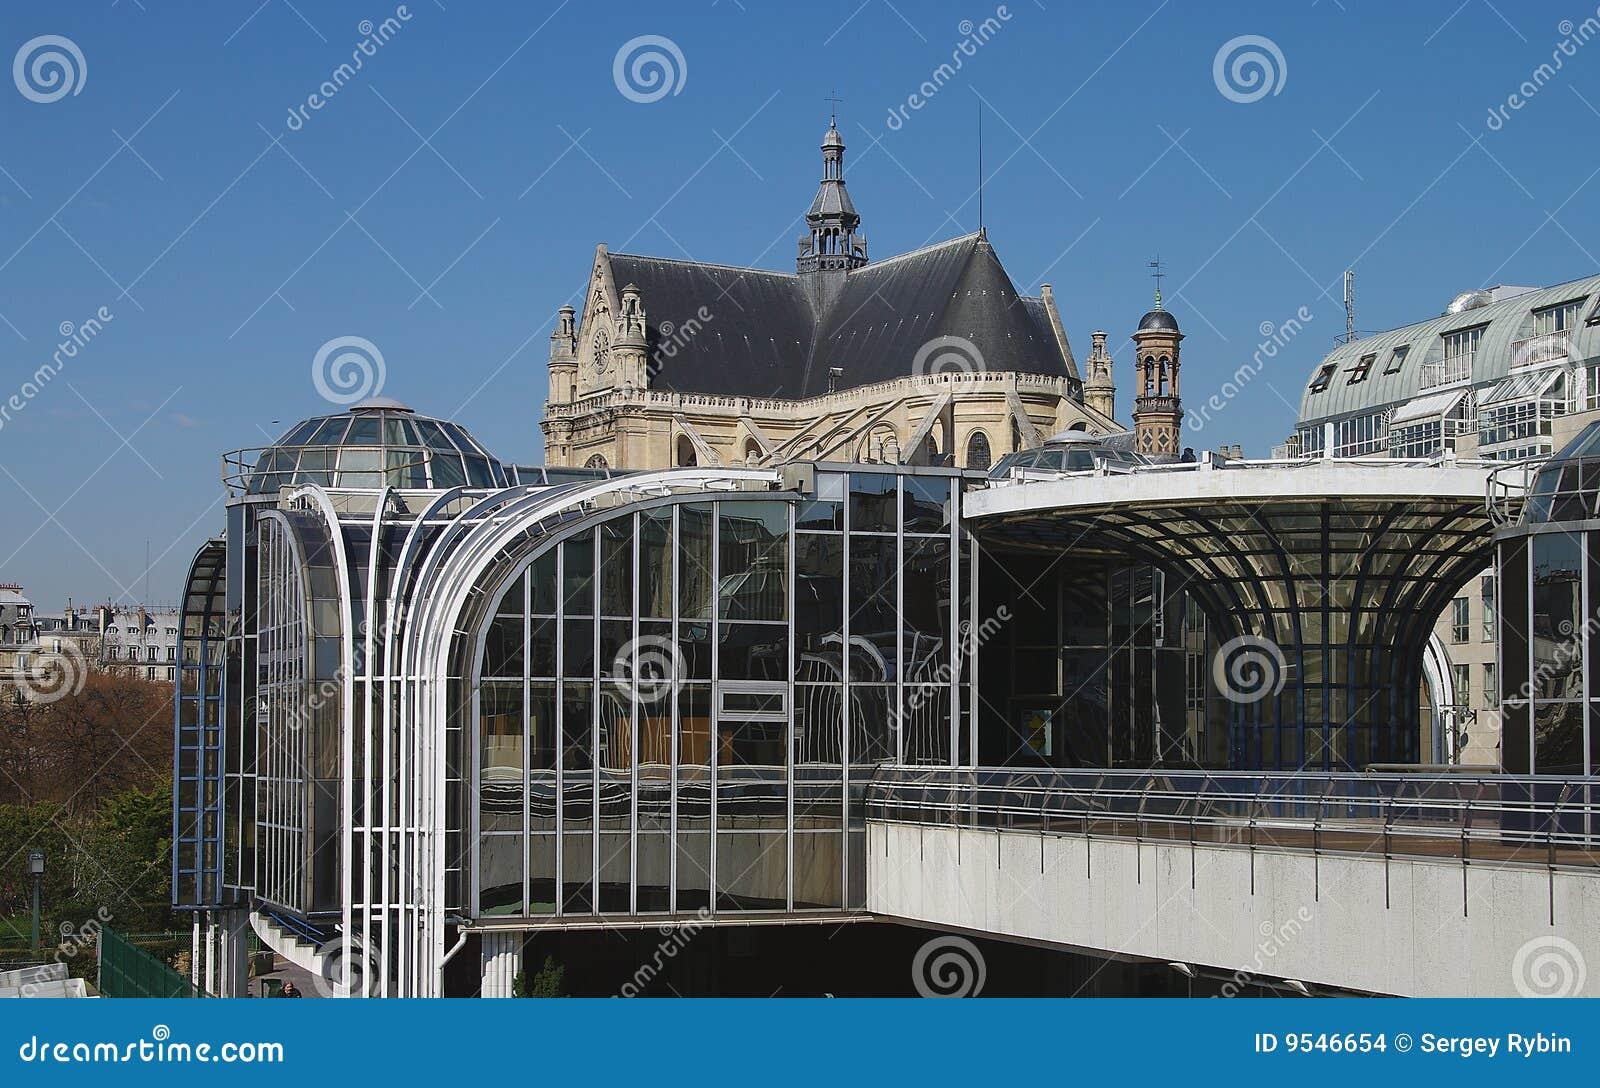 View on forum des halles paris stock images image 9546654 - Forum des halles paris ...